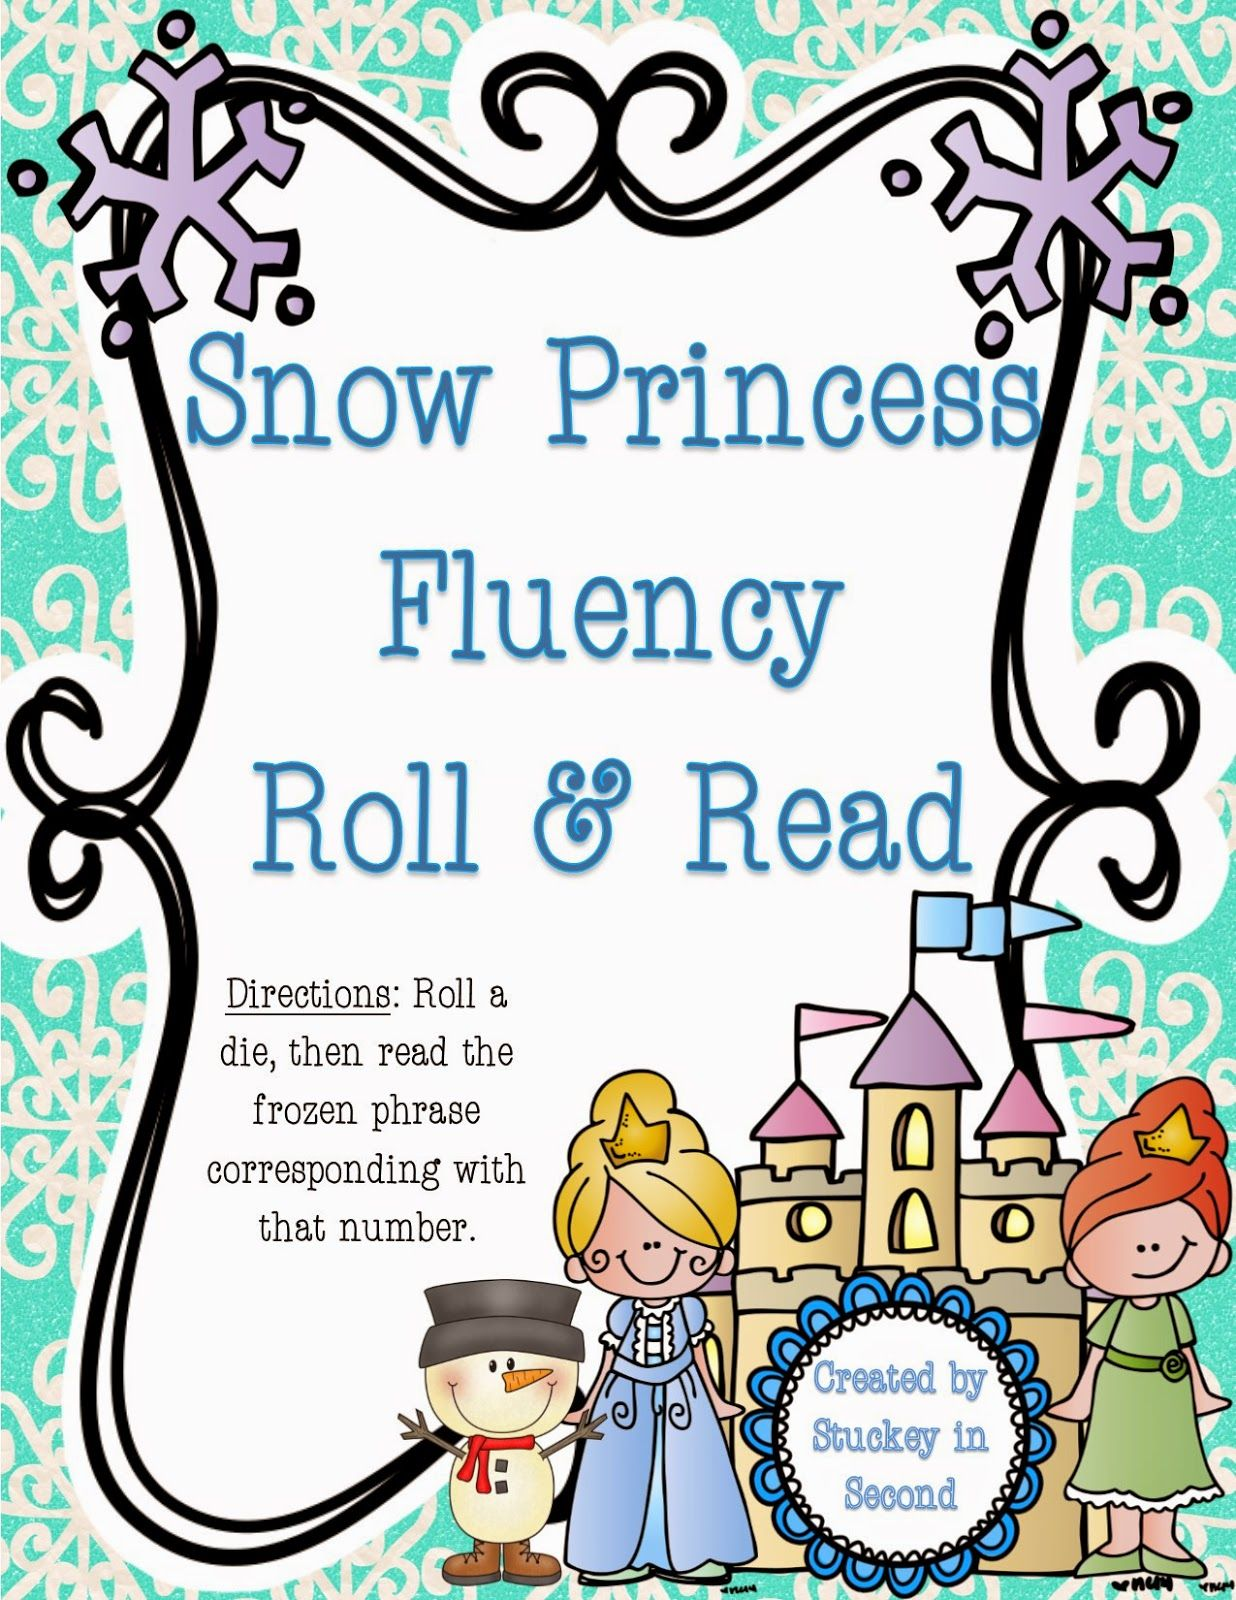 Snow Princess Fluency Roll & Read  http://stuckeyinsecond.blogspot.com/2015/01/roll-read-fluency-phrases.html